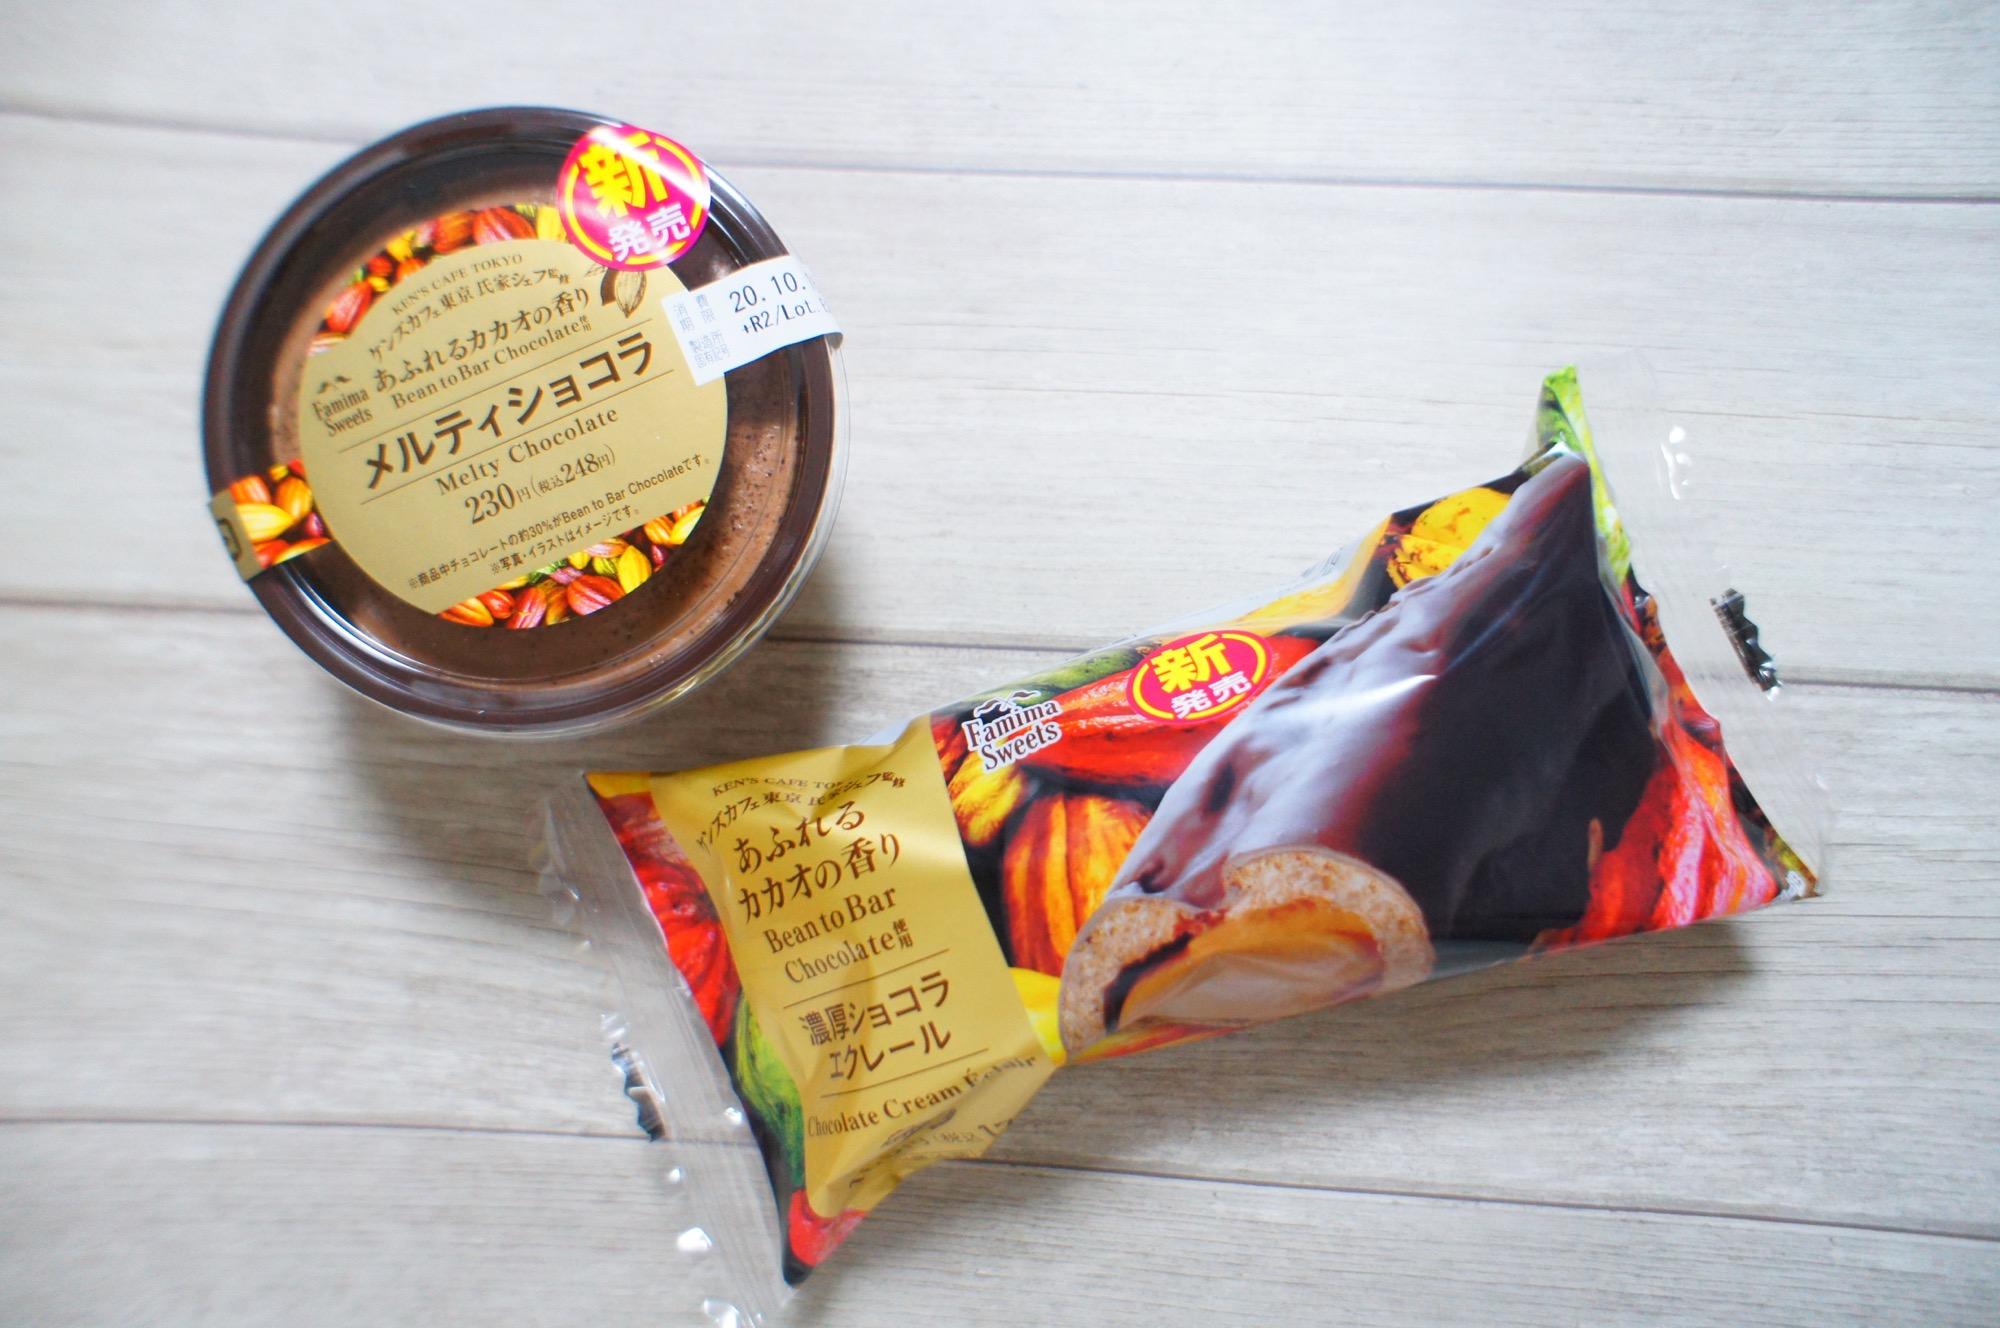 《ファミマ本気のチョコスイーツが大豊作❤️》絶対食べたい!今週発売の【コンビニスイーツ】まとめ☻_1